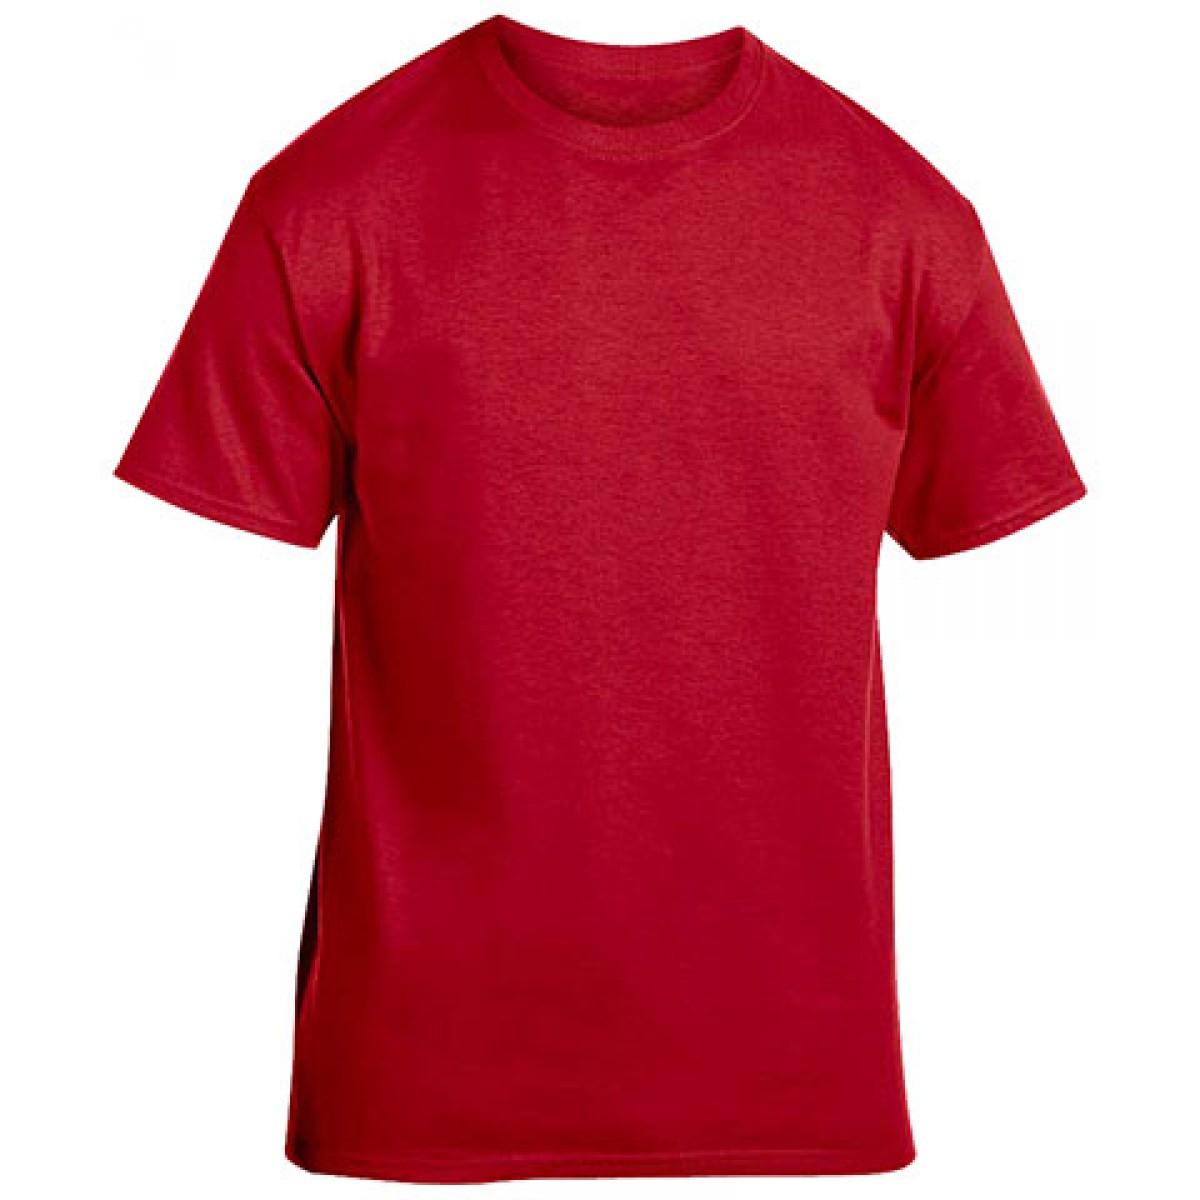 Cotton Short Sleeve T-Shirt-Cardinal Red-L